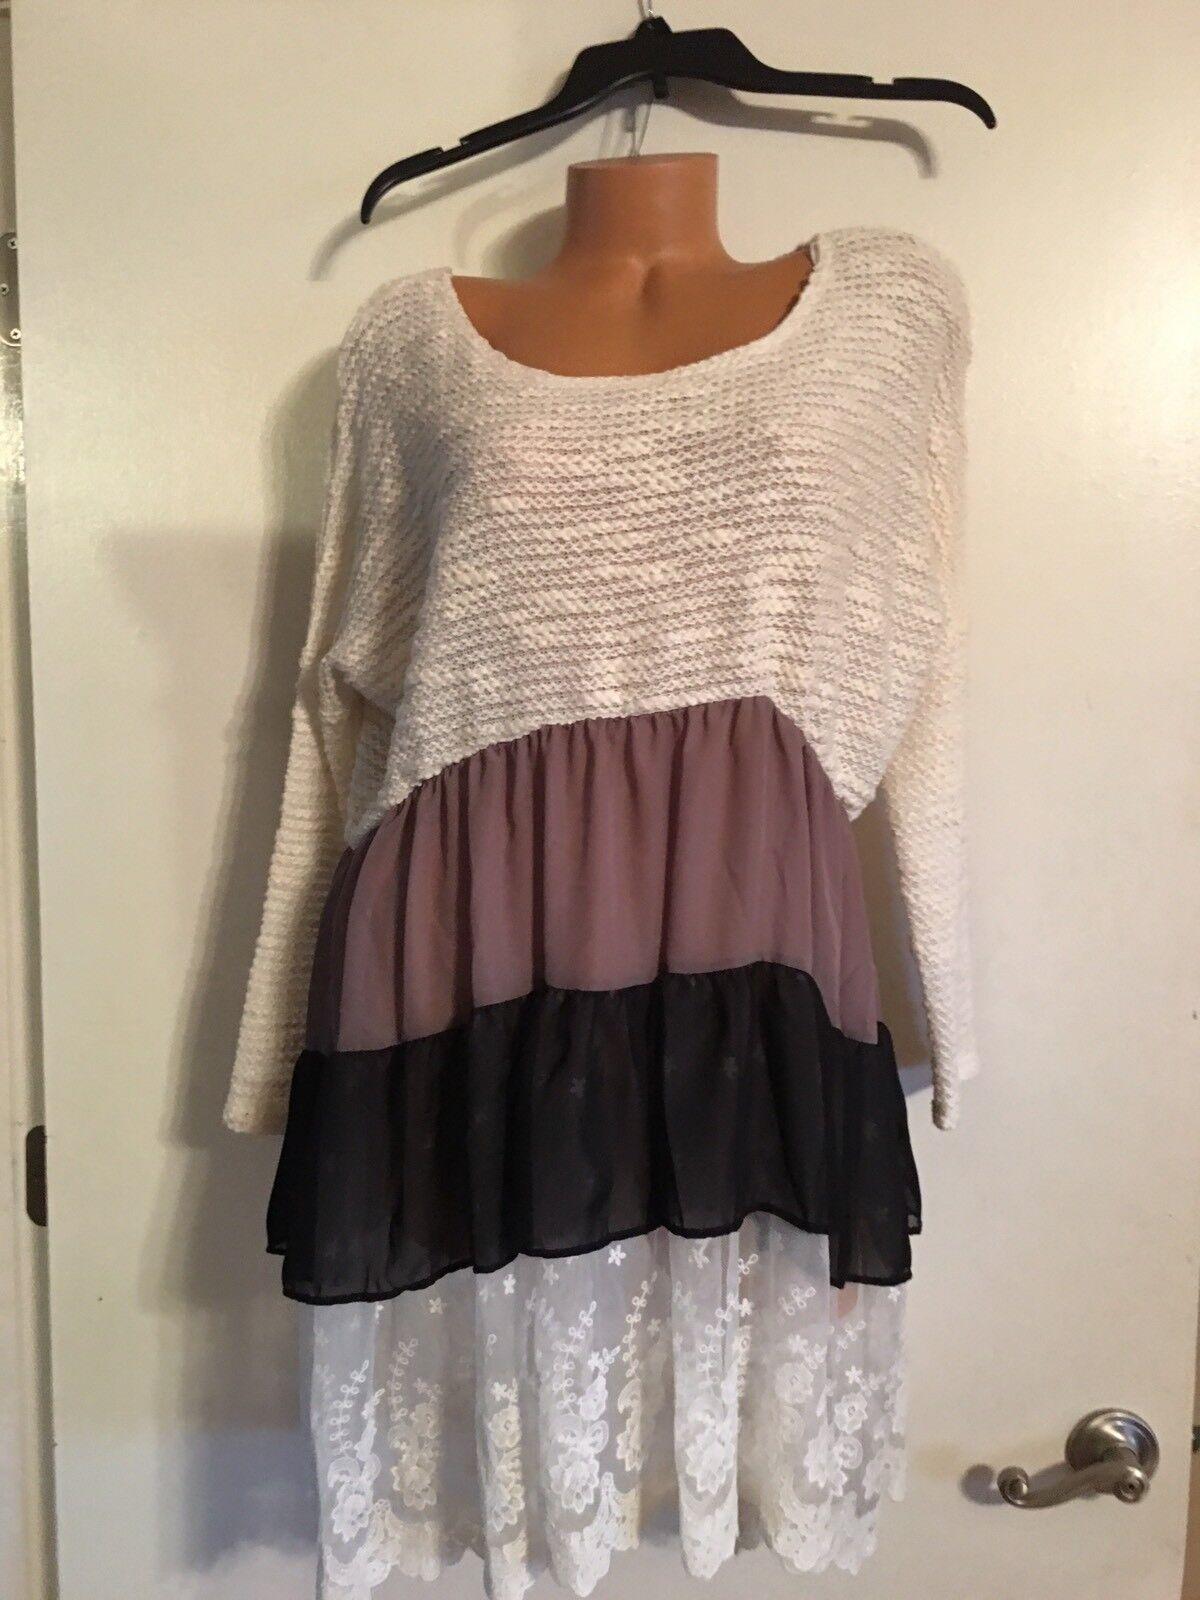 NWOT Bellamie Layer Boutique Dress Woherren Größe Medium Boat Neck Beautiful